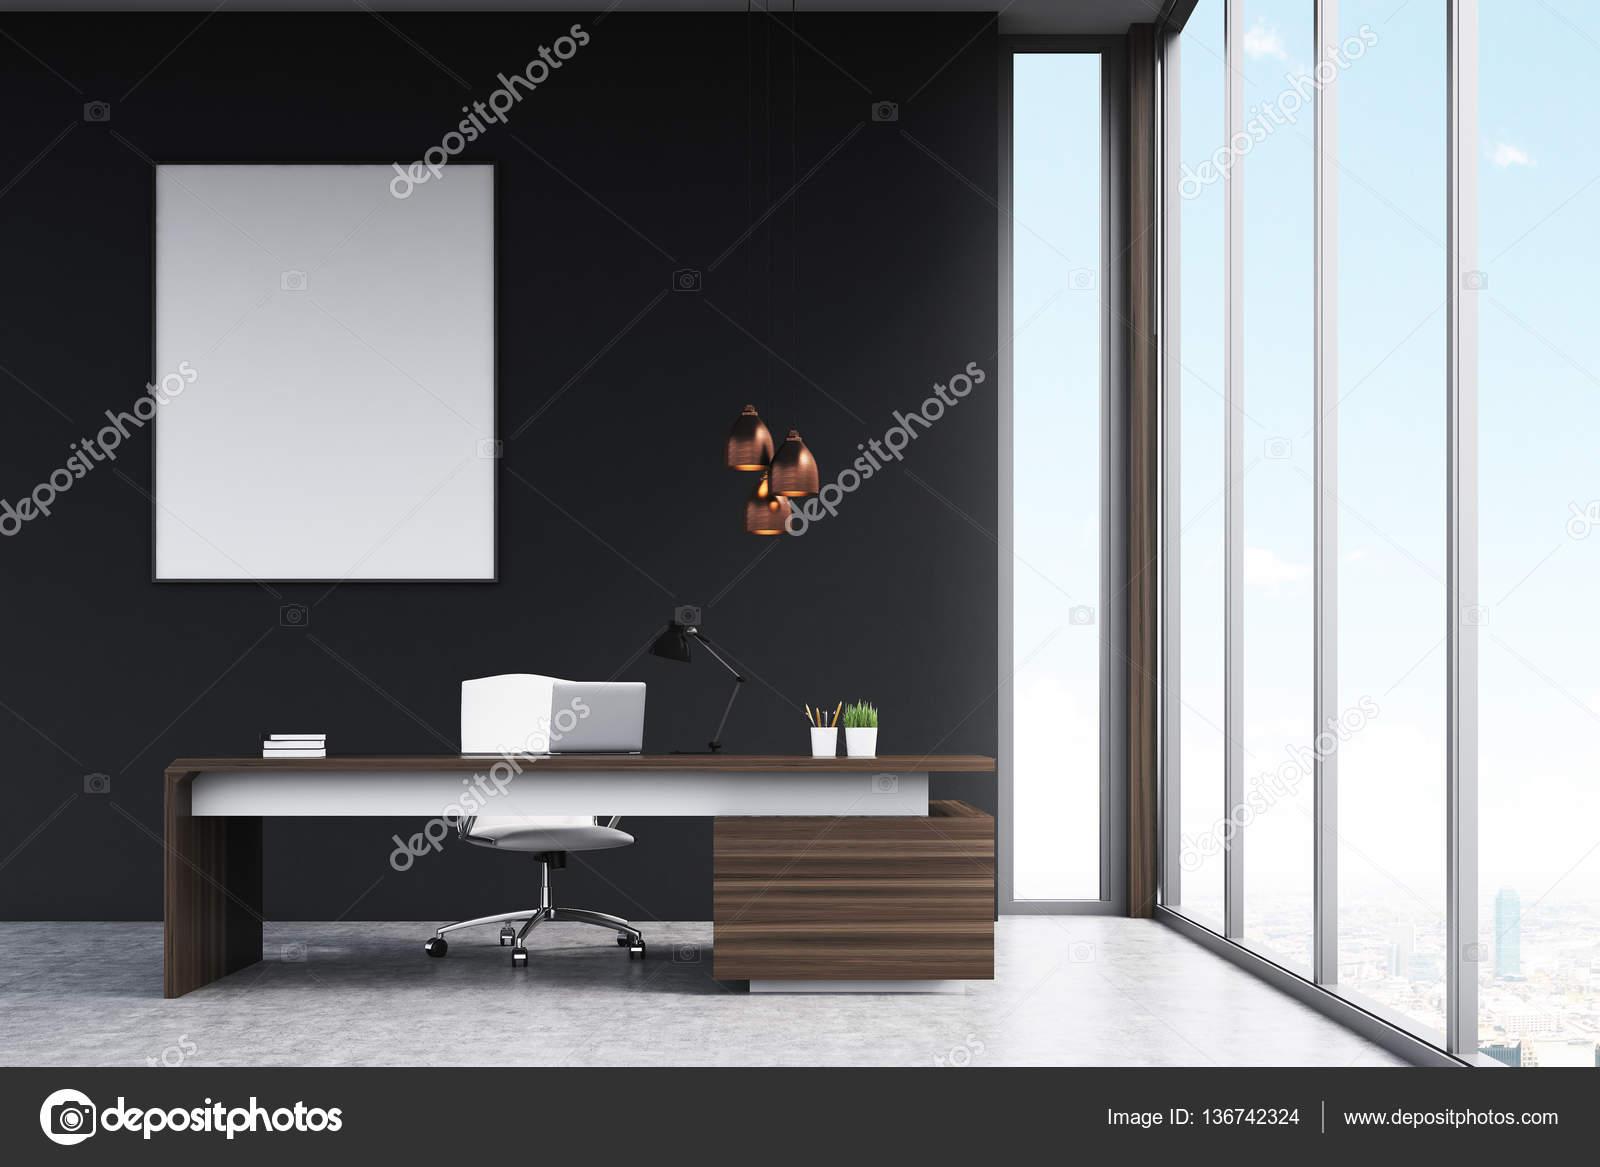 Bureau du directeur avec une affiche u photographie denisismagilov